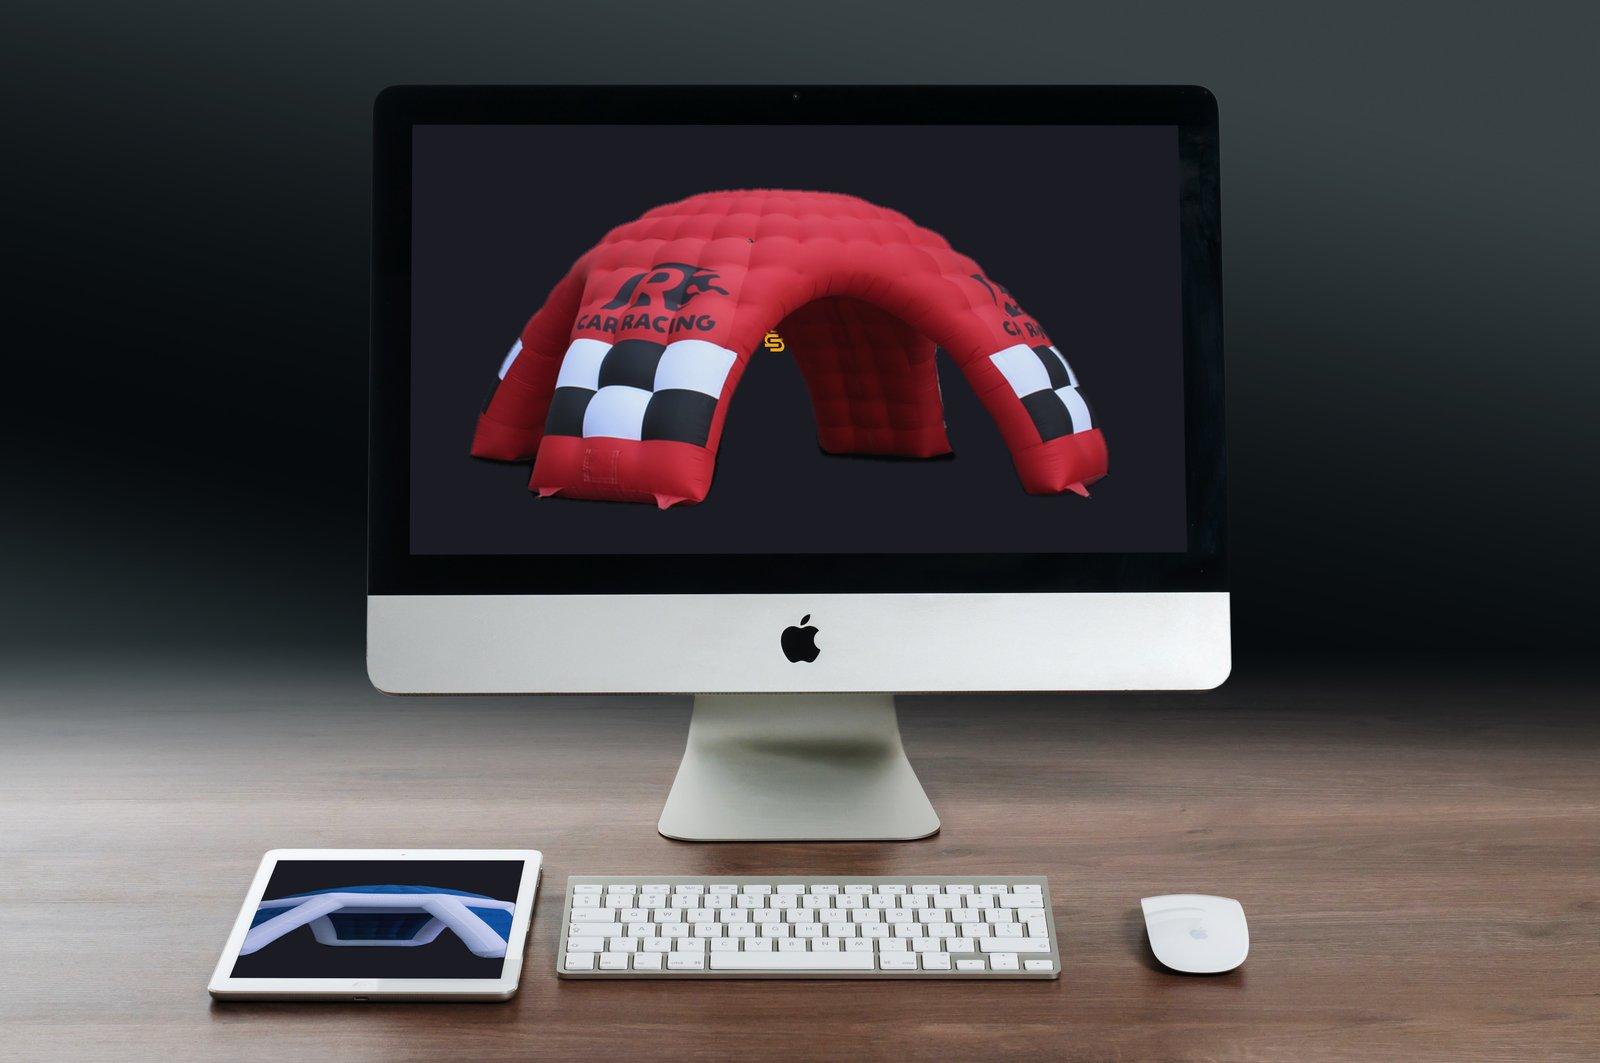 MAC mit aufblasbaren Werbeträger während dem Design-Prozess.